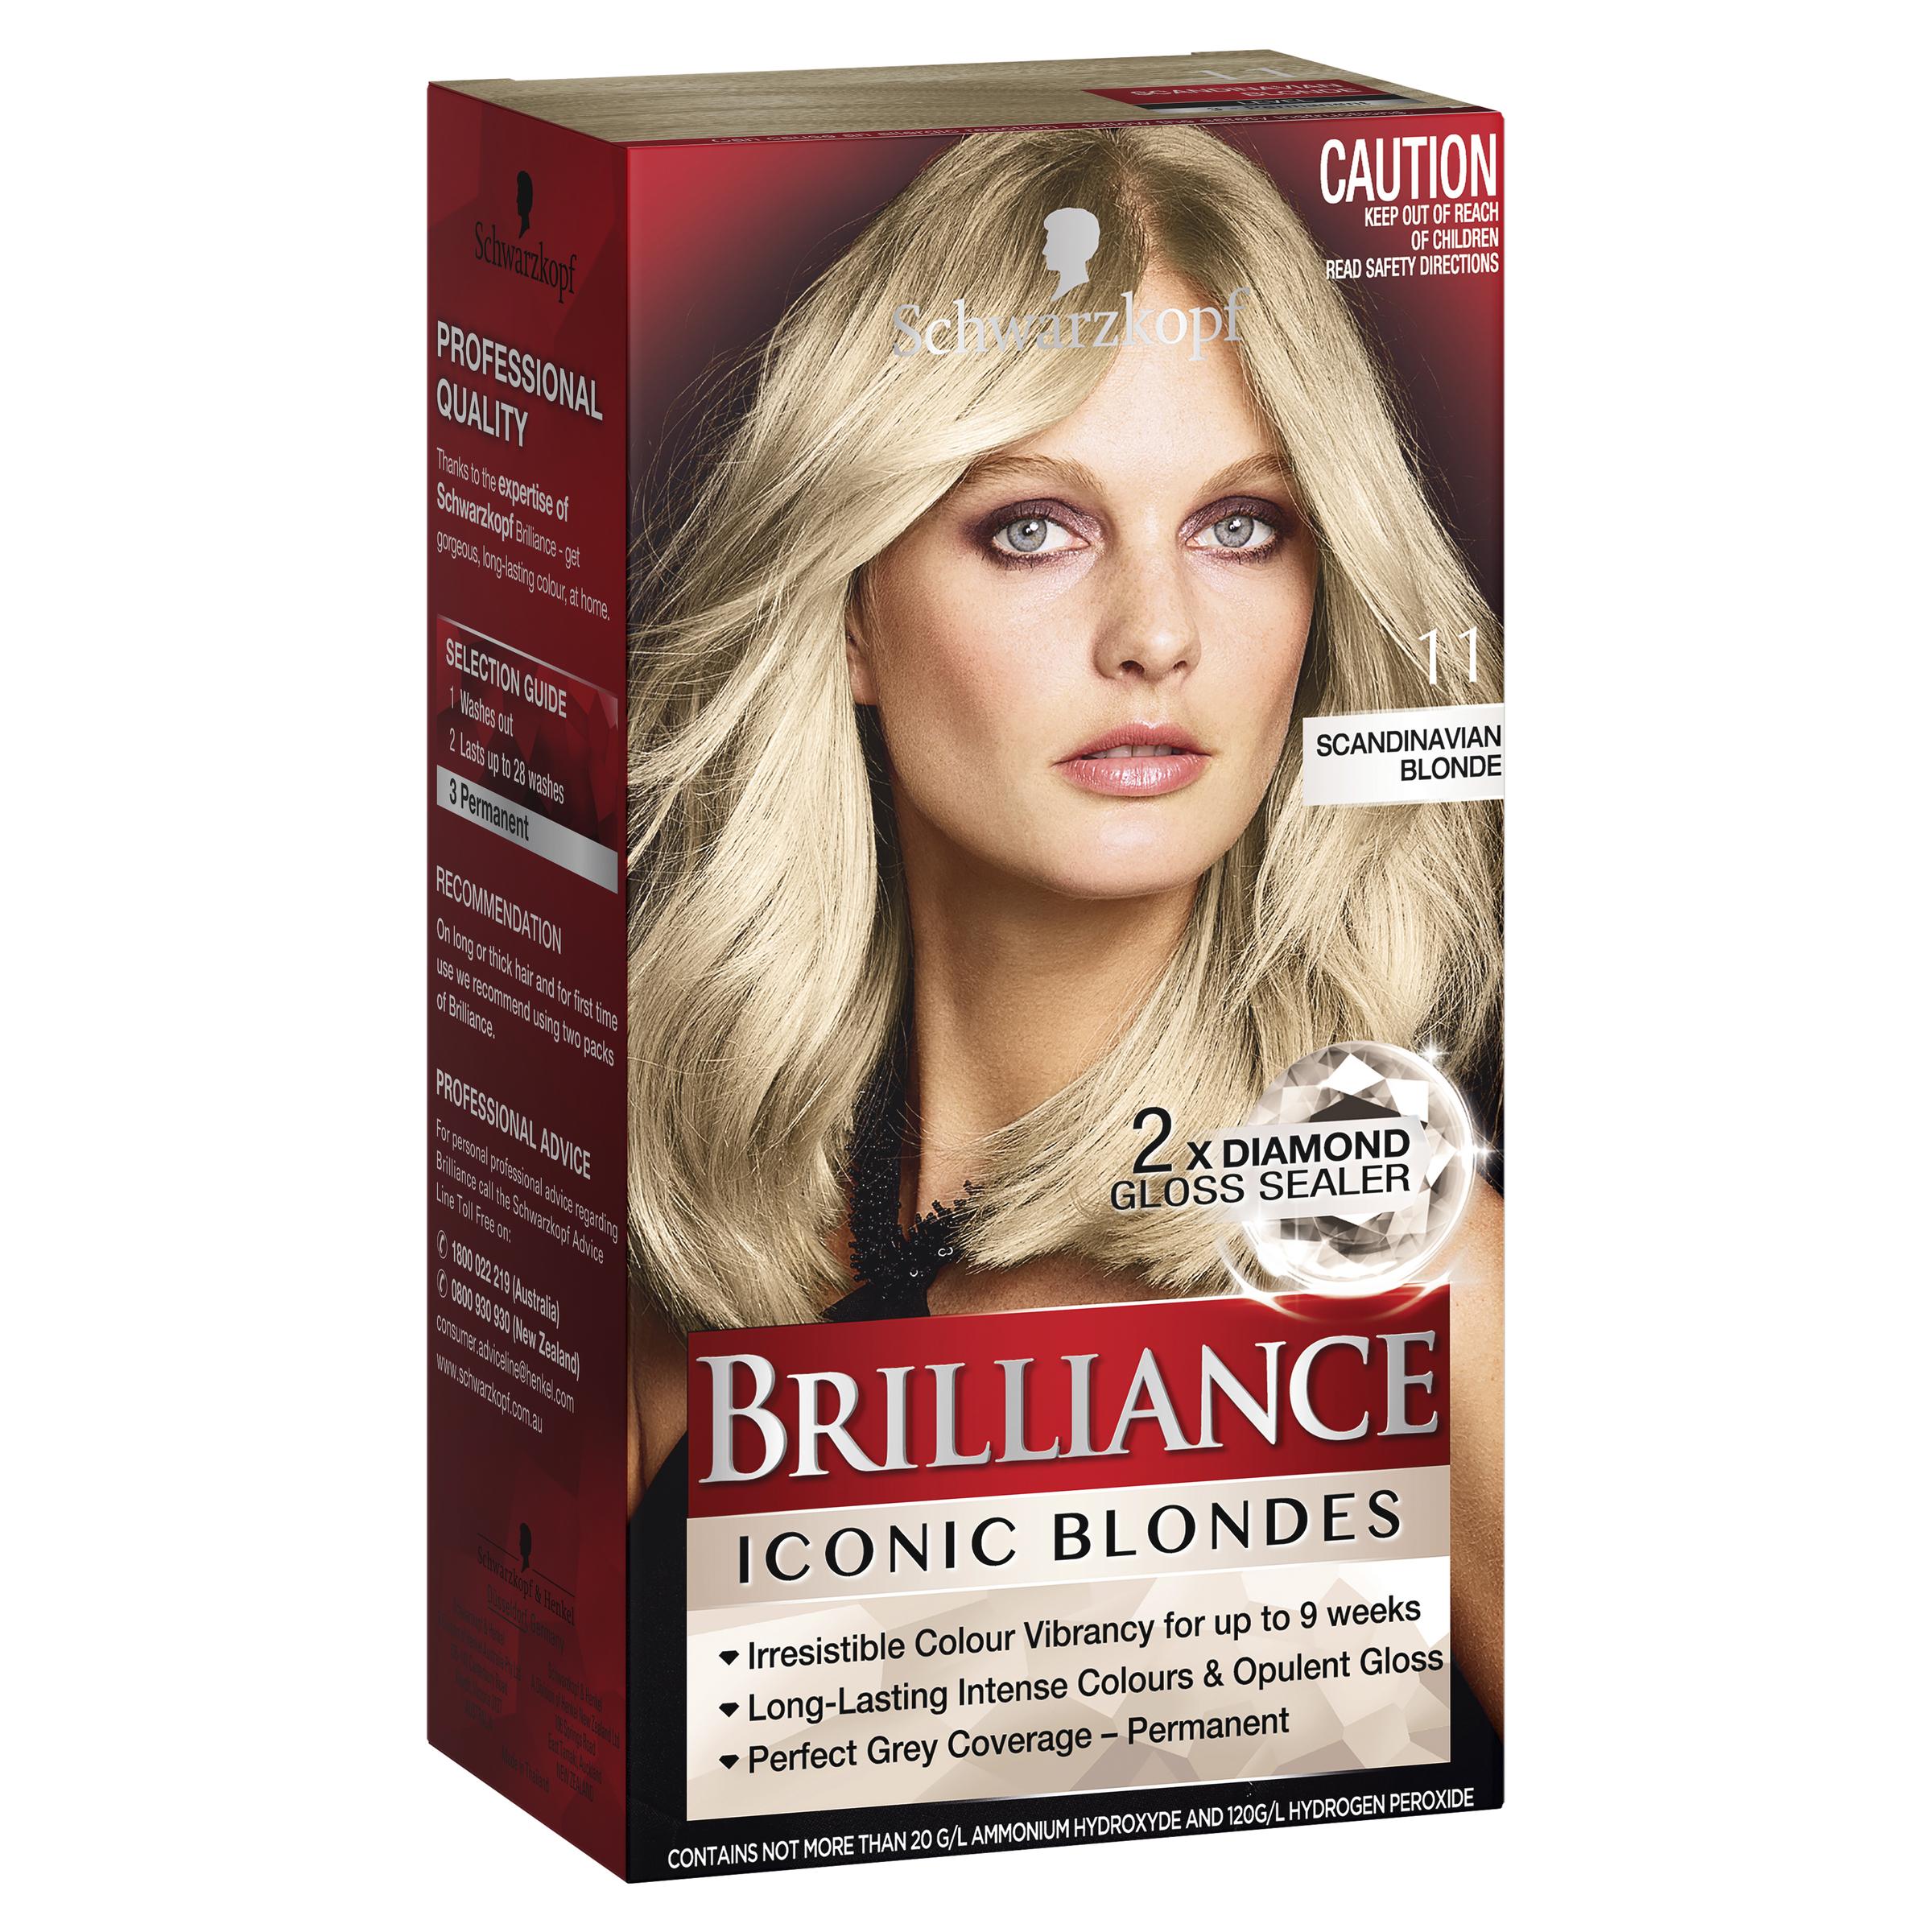 Brilliance Intense Colour Crème 11 Scandinavian Blonde